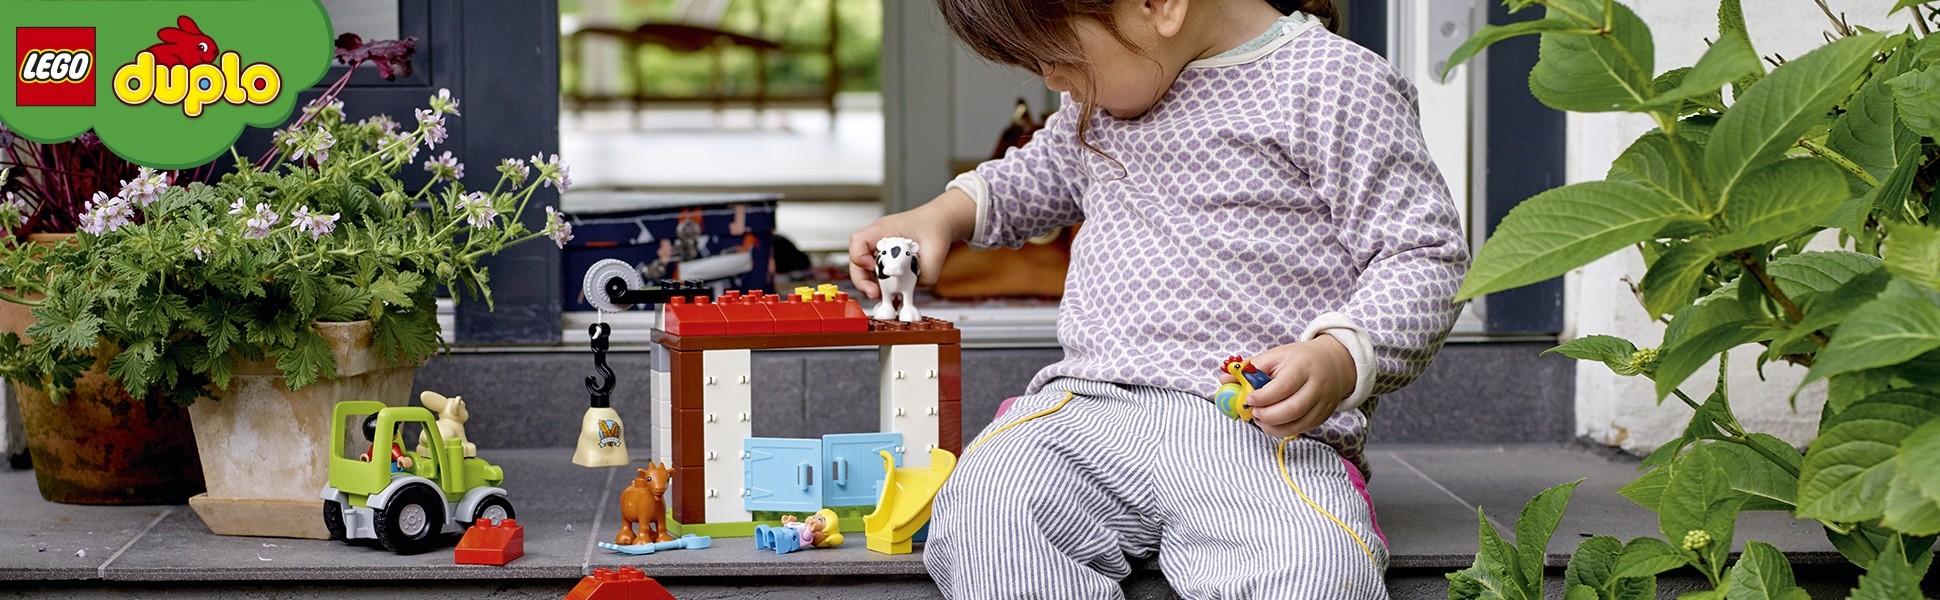 Kind spielt mit Duplo